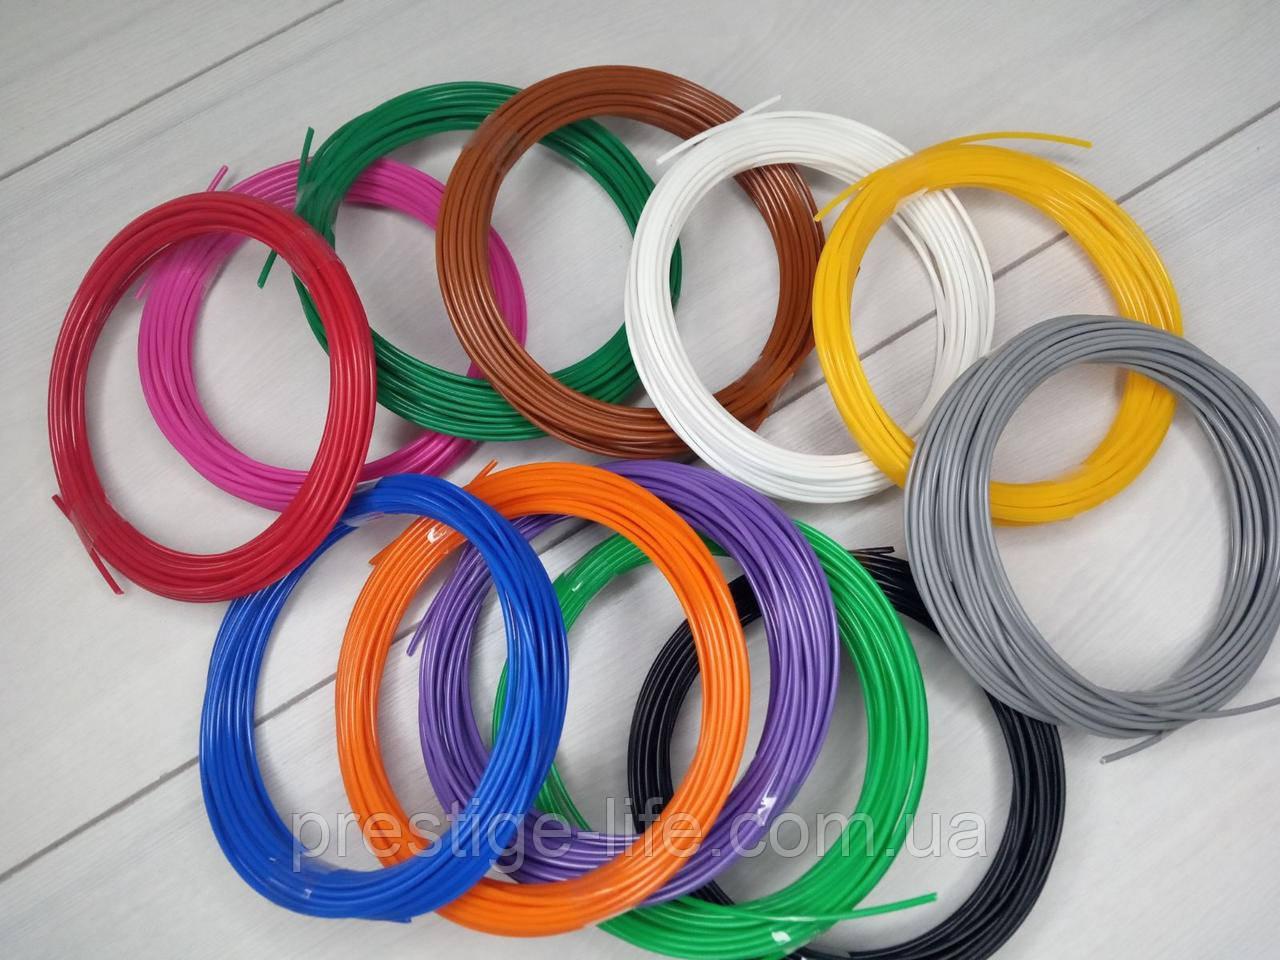 Пластик ABS для 3D ручки Stereo. ( 12 цветов по 10 метров)